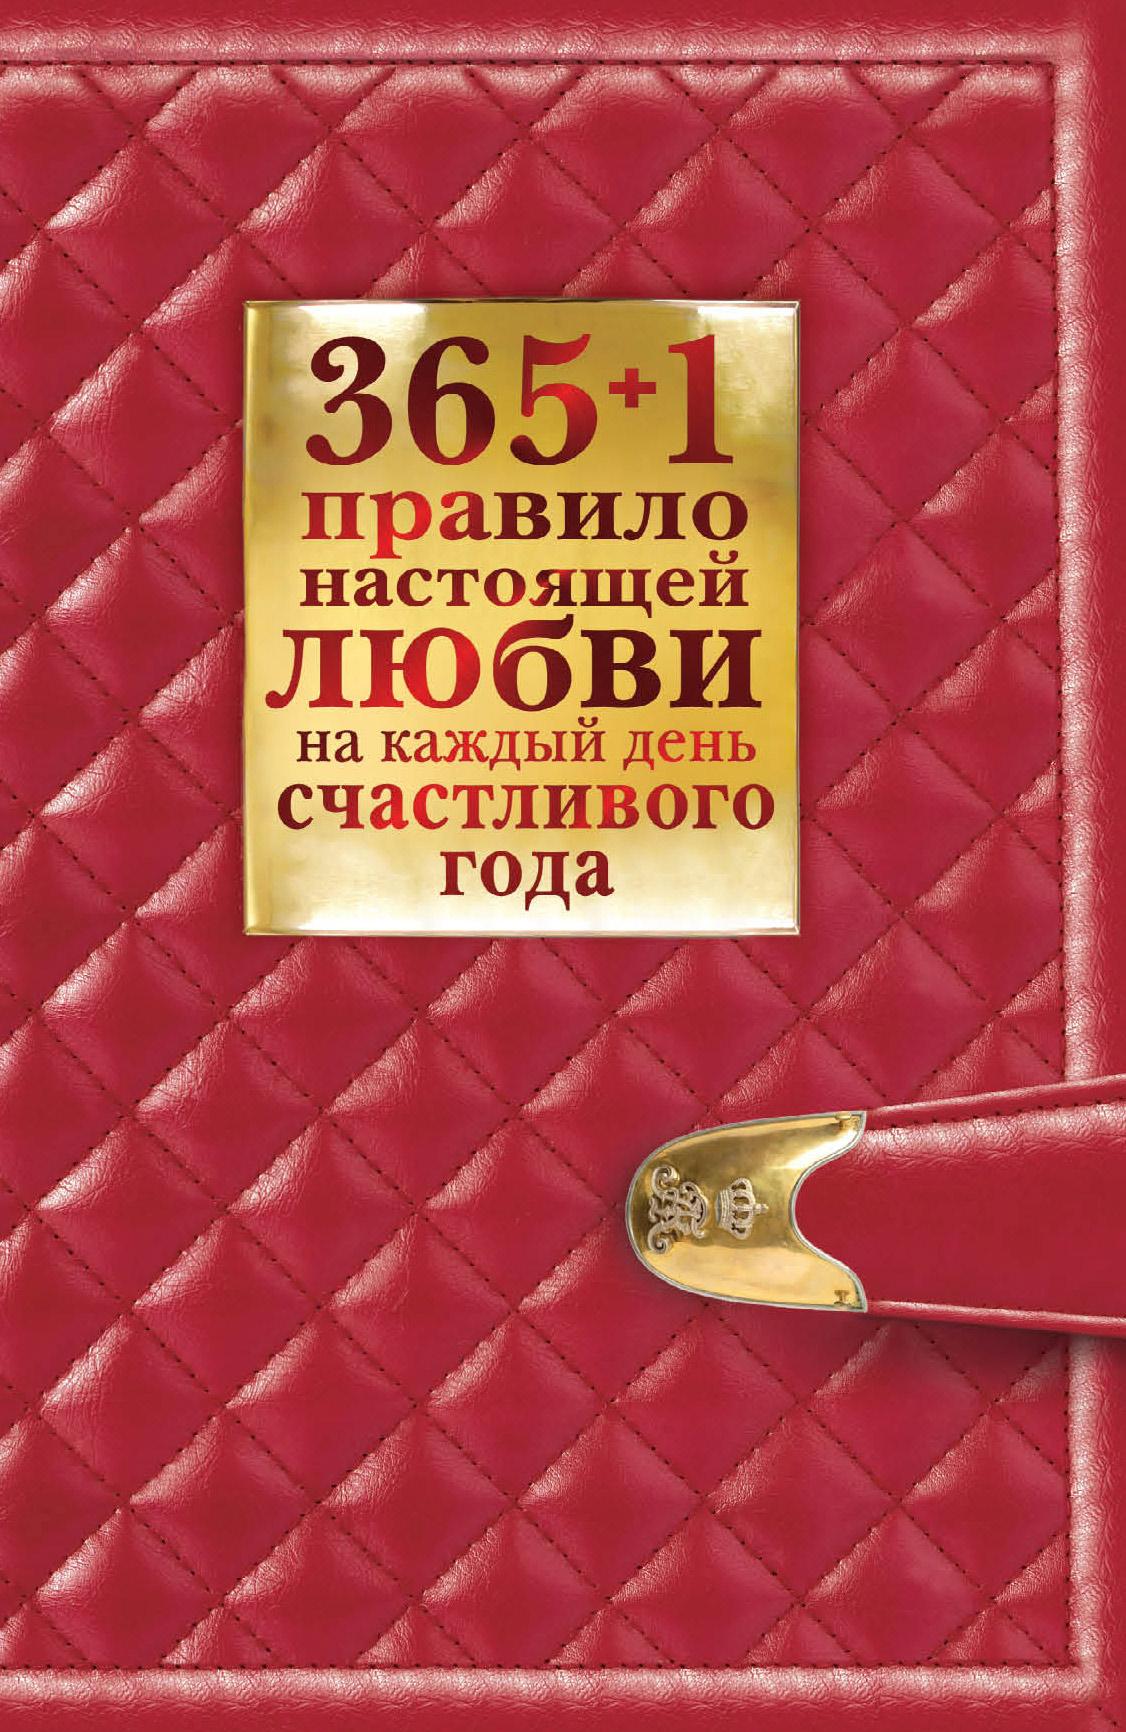 купить Диана Балыко 365 + 1 правило настоящей любви на каждый день счастливого года по цене 179 рублей